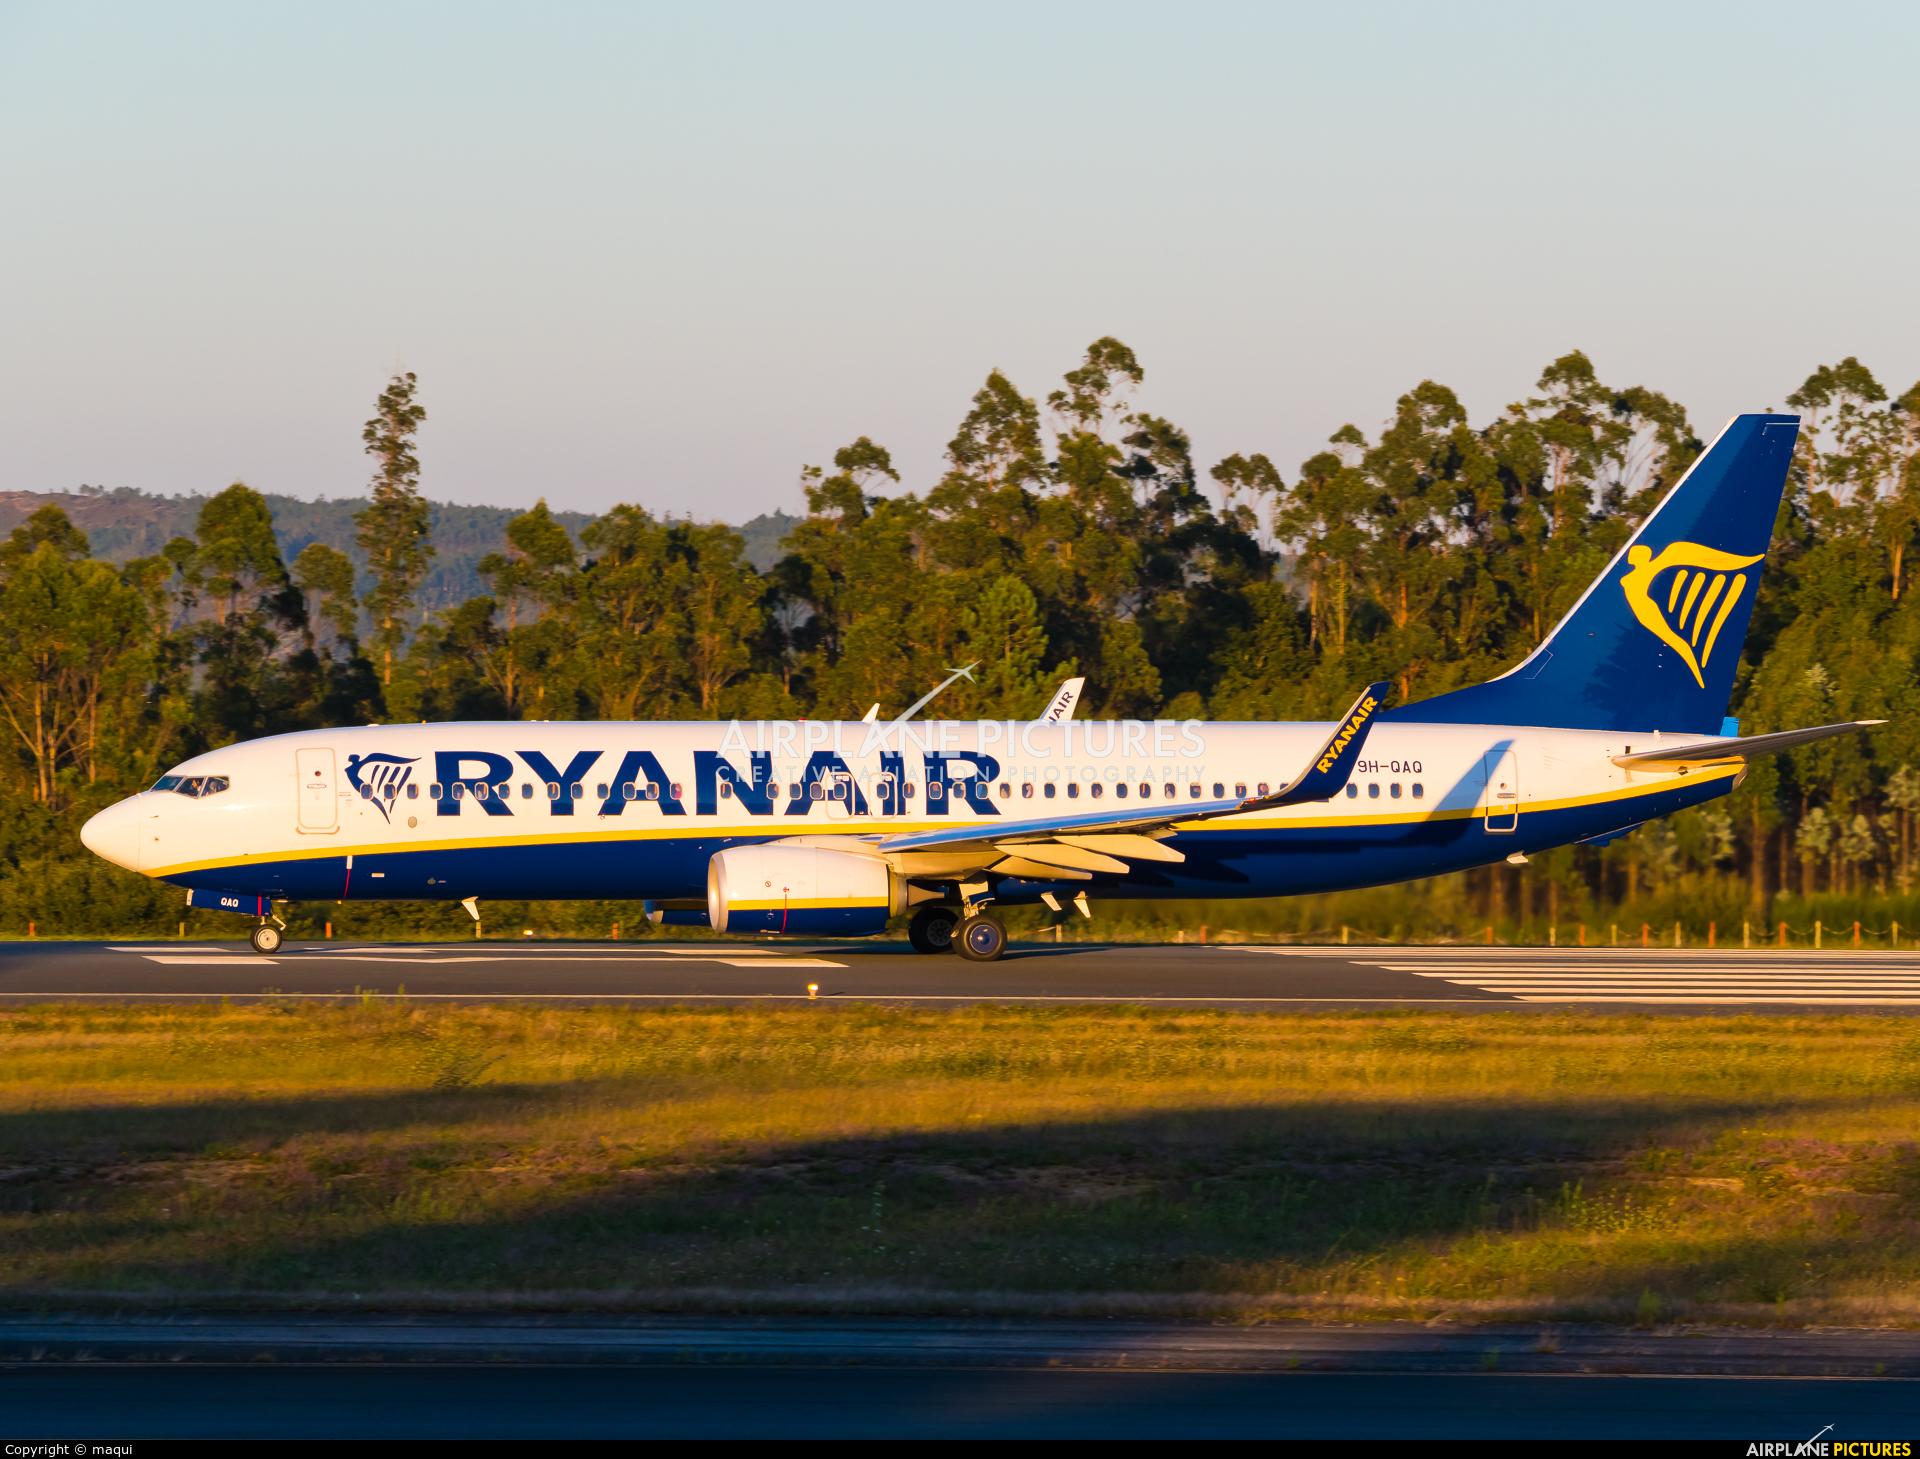 Ryanair (Malta Air) 9H-QAQ aircraft at Santiago de Compostela